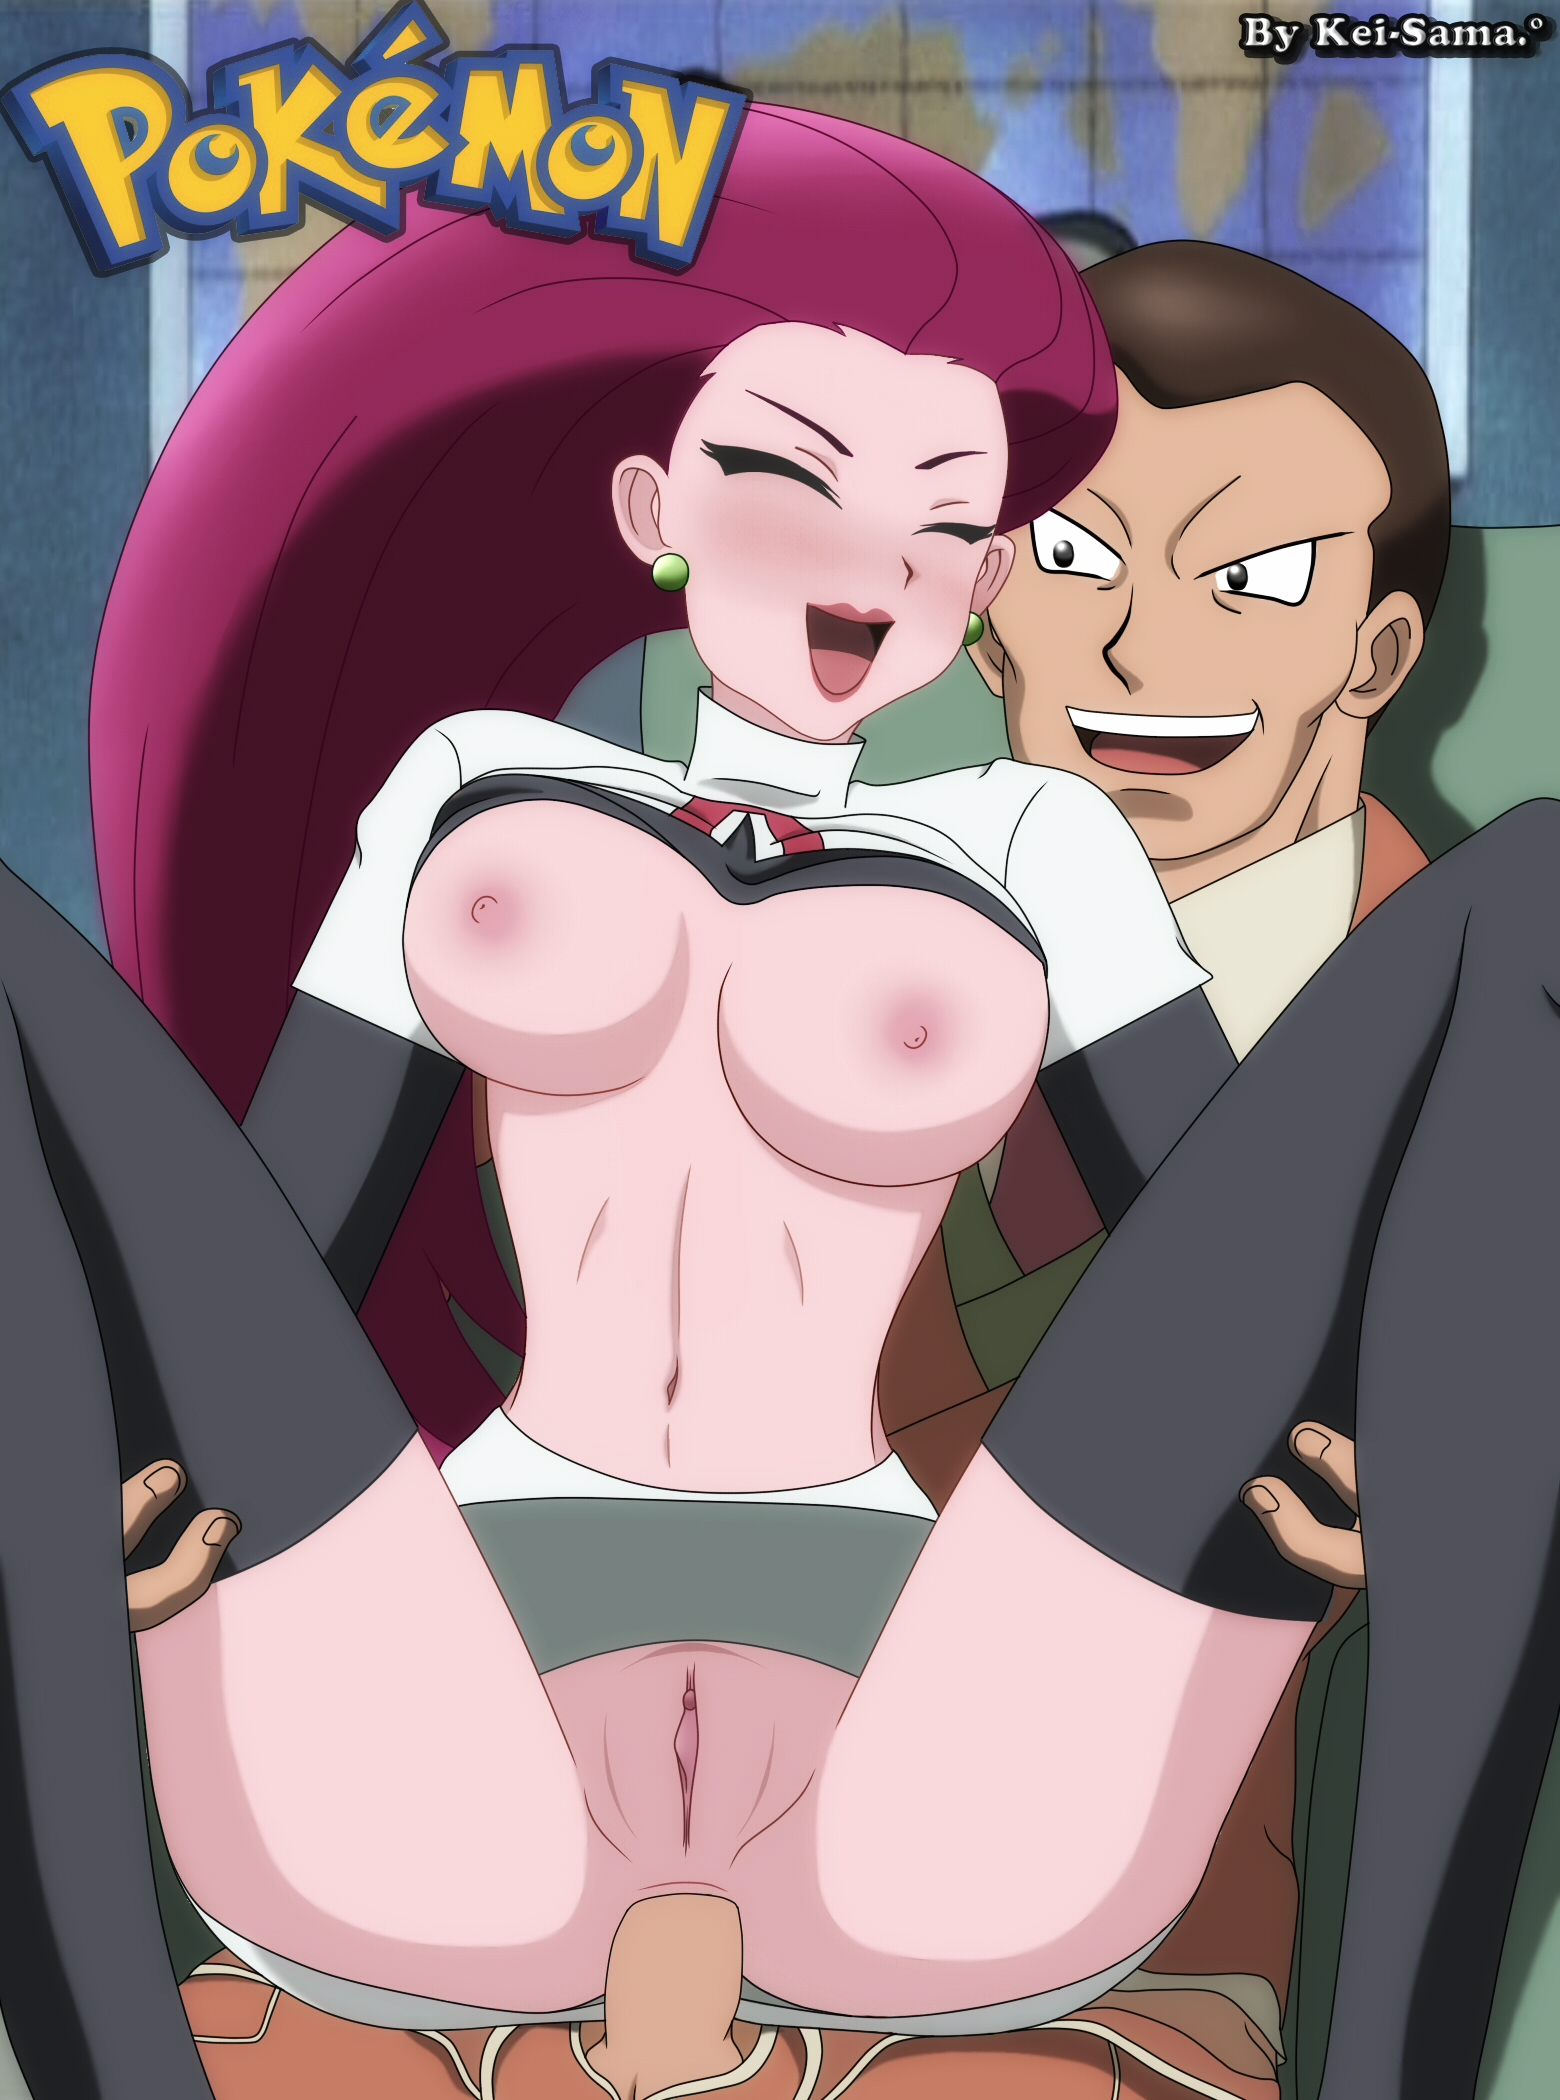 Jessie Pelada jessie em pokemon hentai toda pelada dando | hentai porno